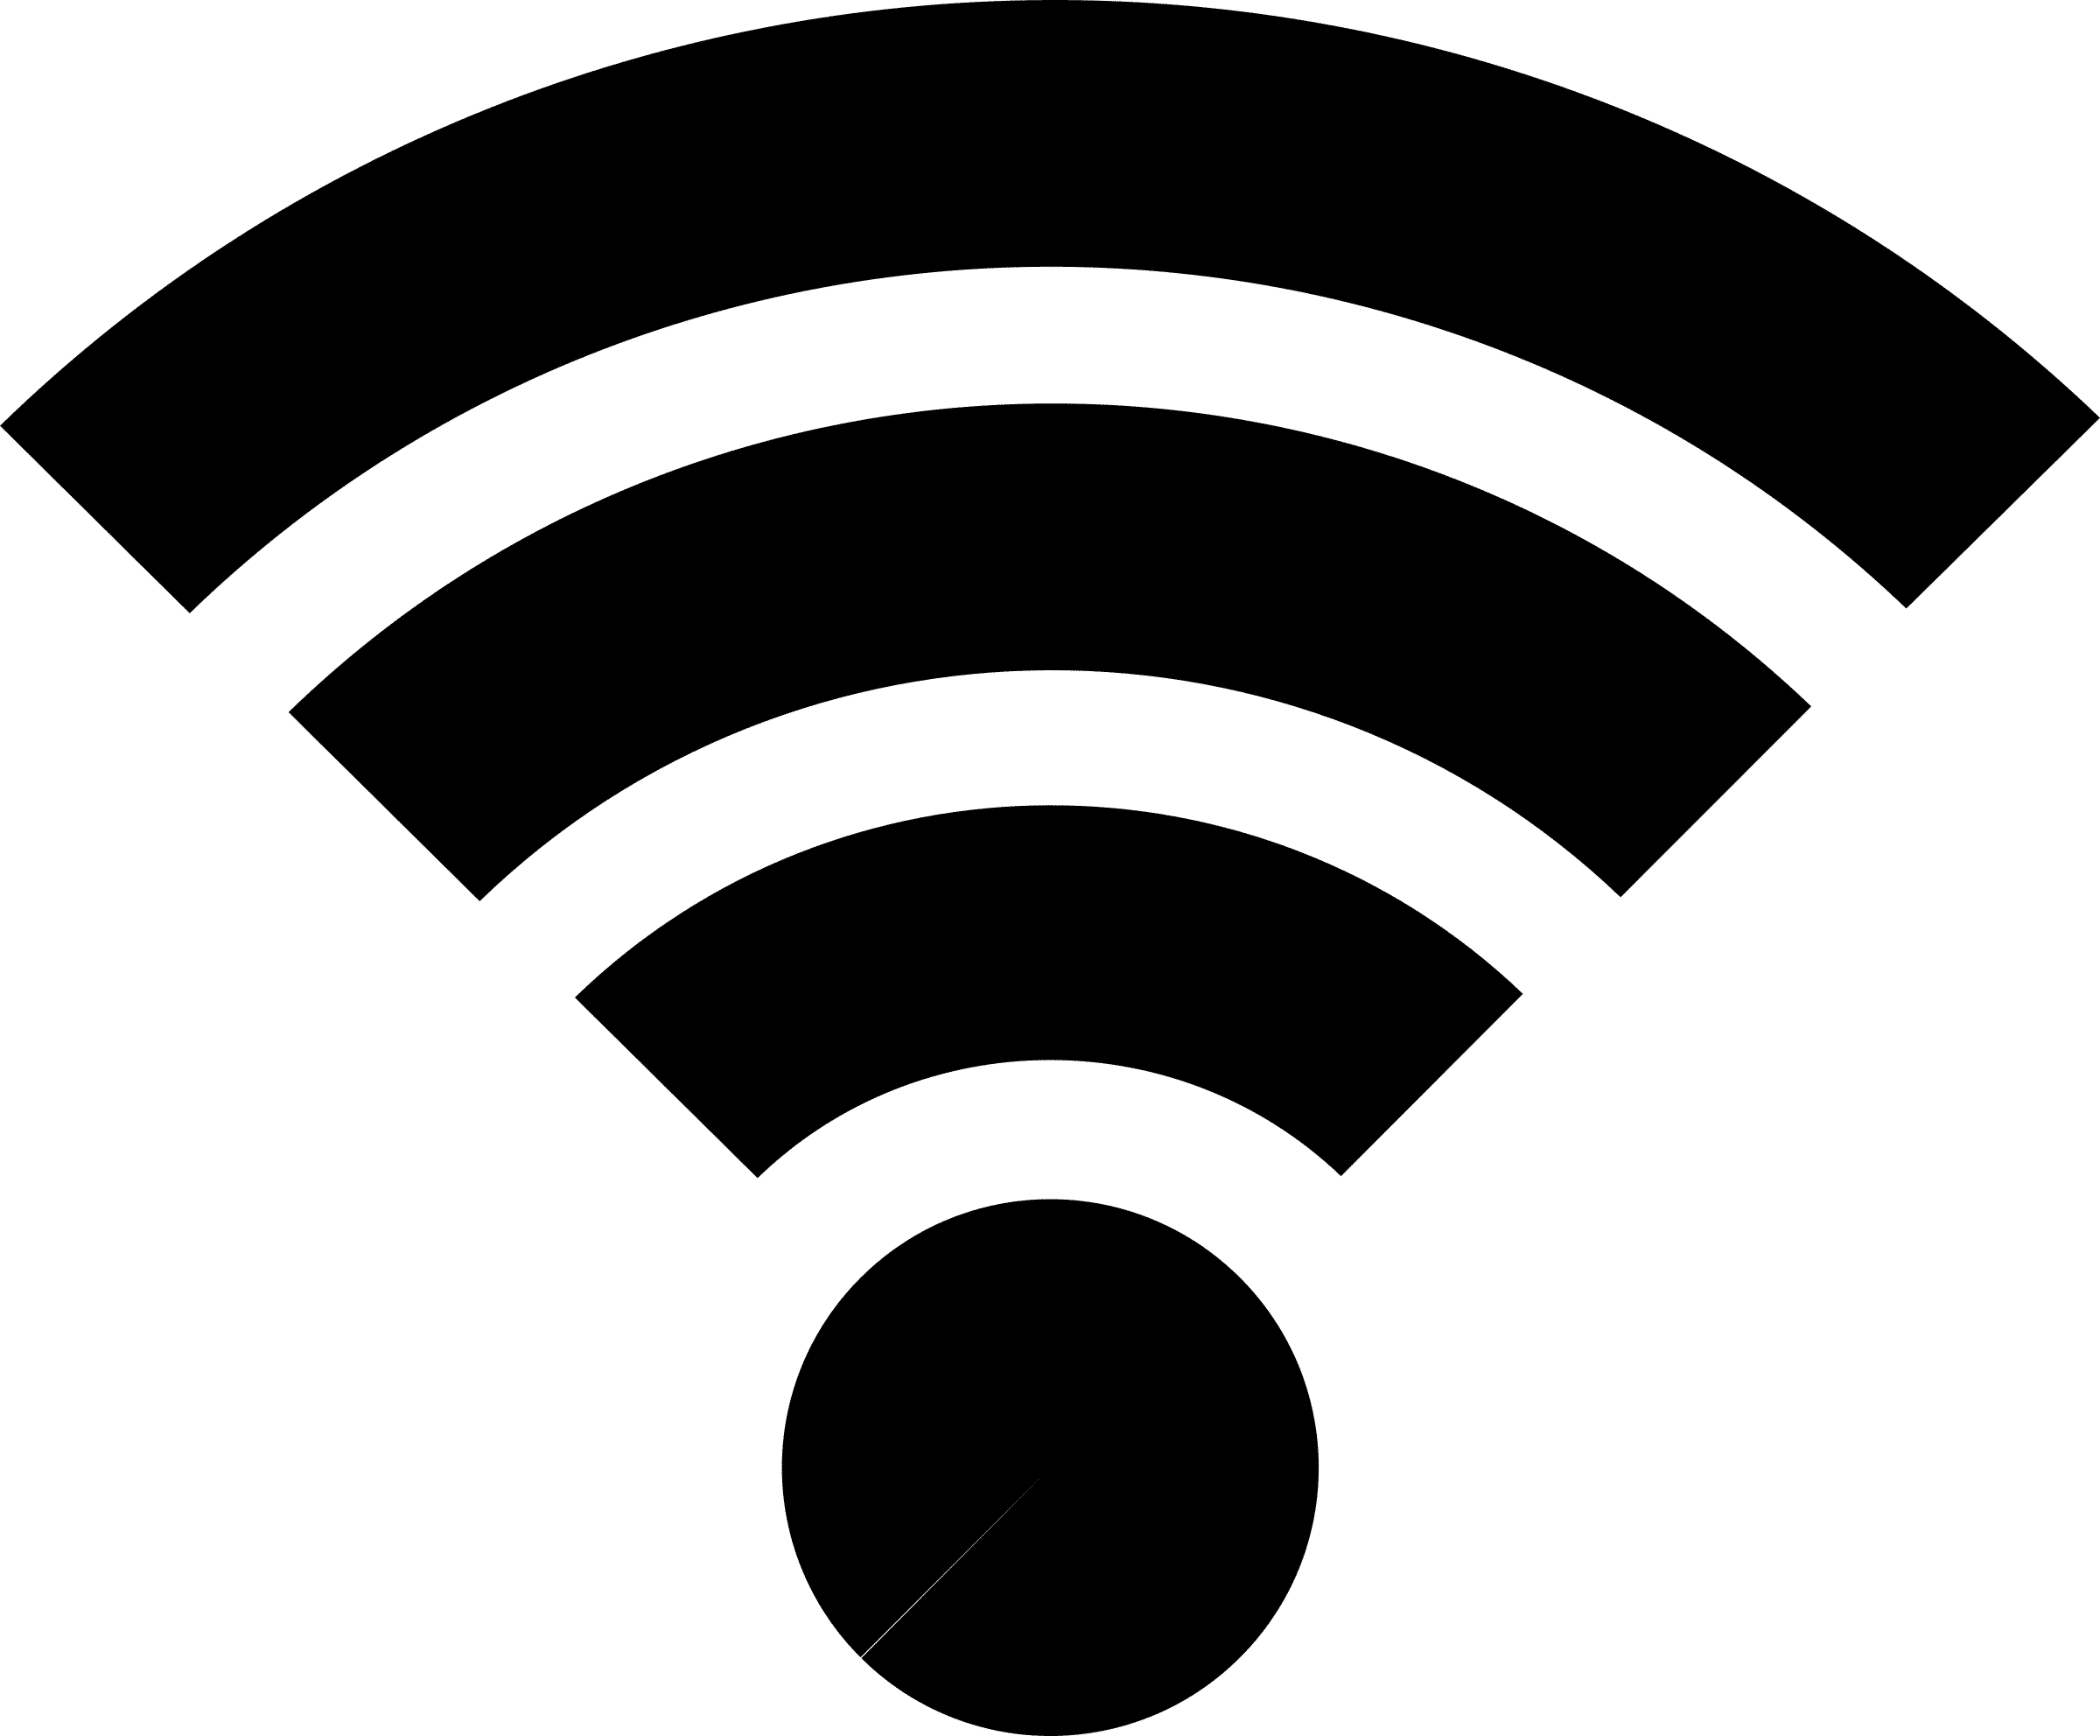 wifi-icon - StellarNet, Inc.